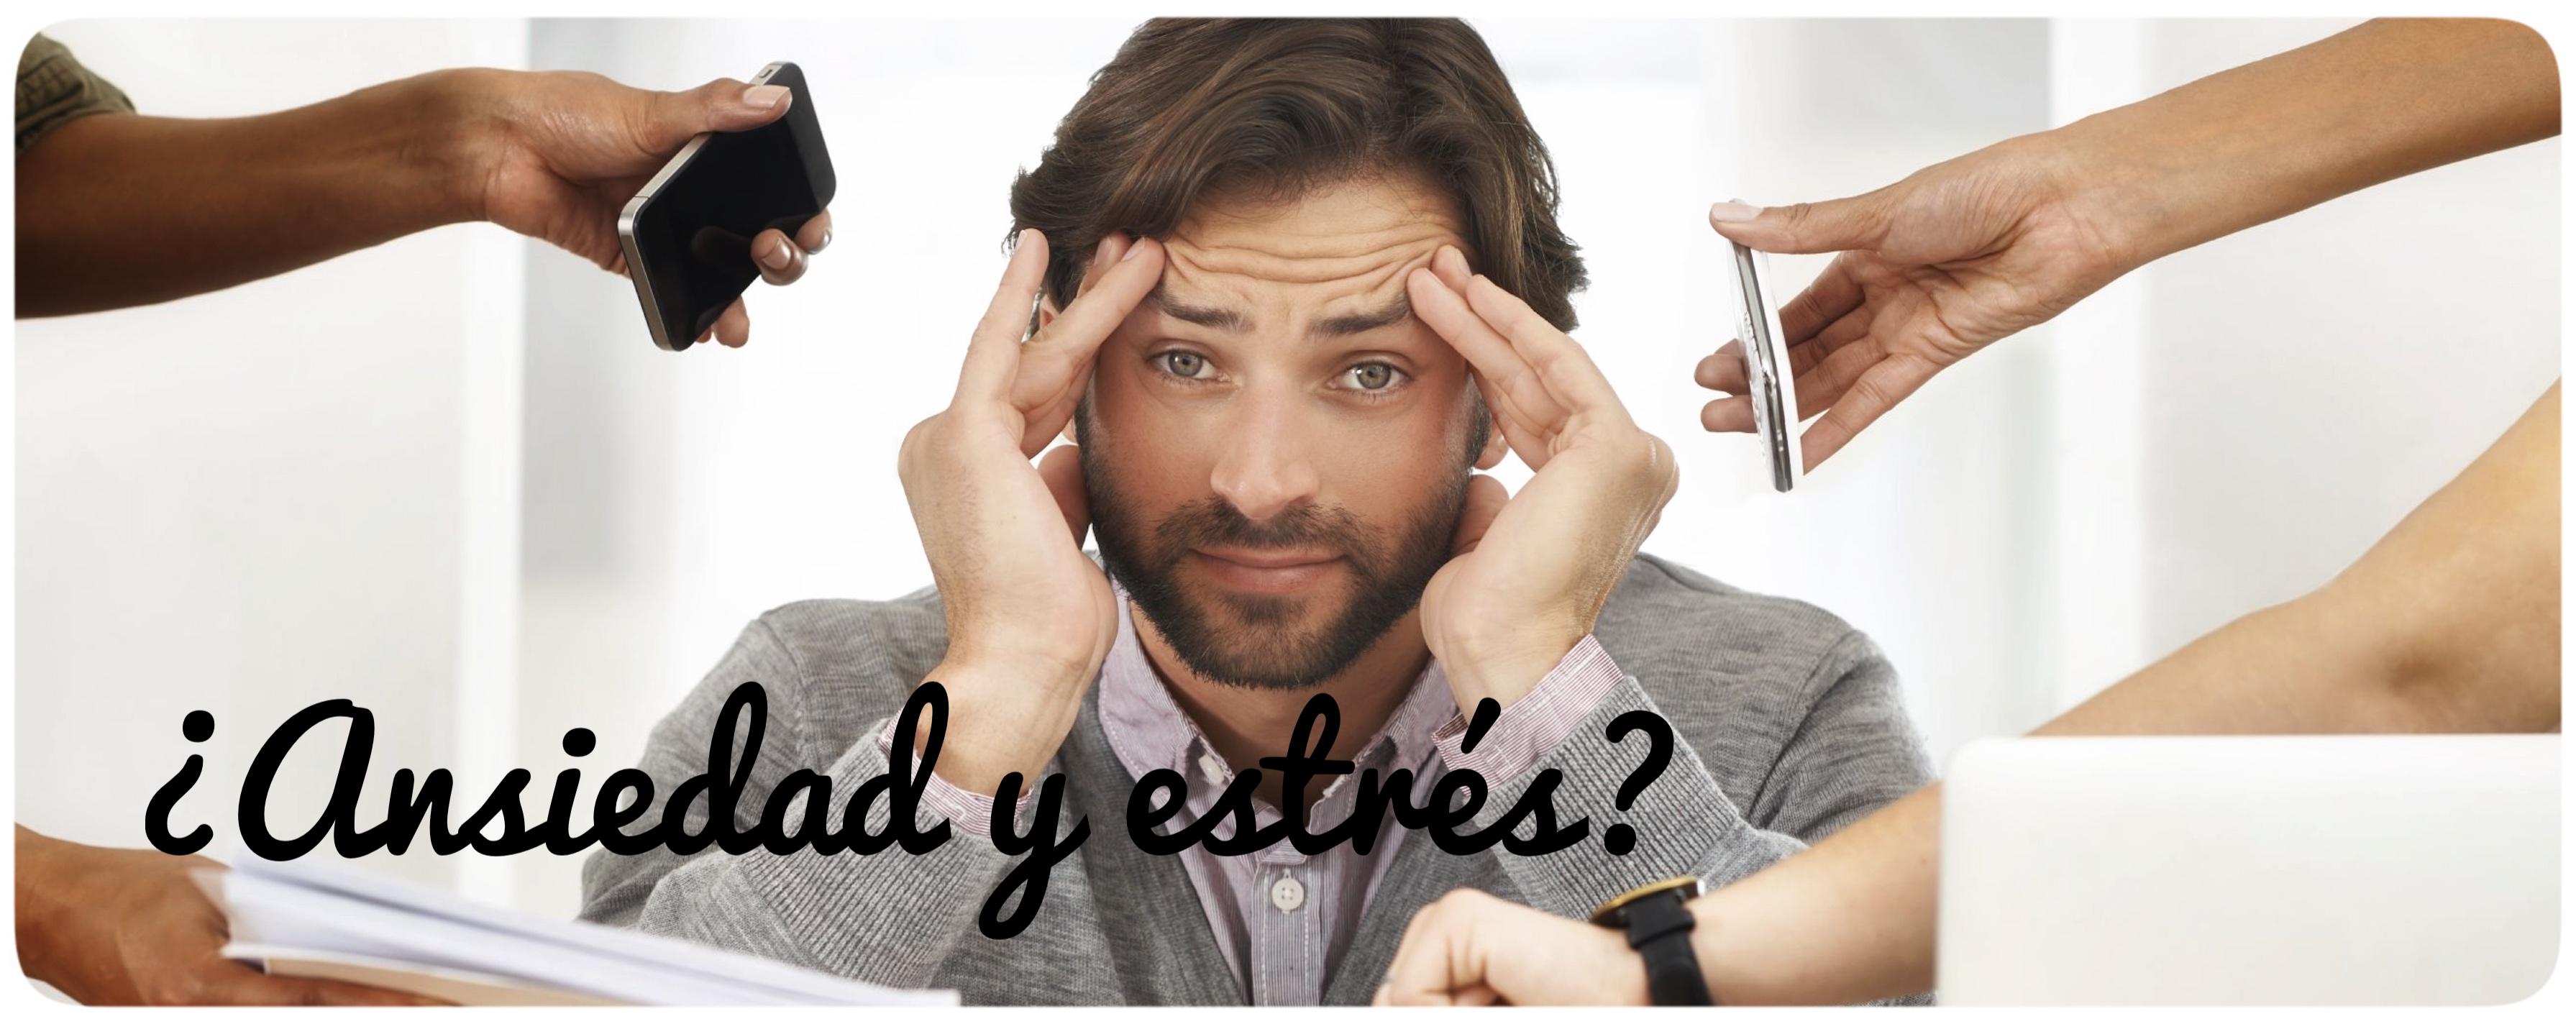 ansiedad,estres,fatiga,tension,pasiflora,magnesio.vitamina b6,herbolario online, cosmética natural, tratamientos naturales, productos naturales